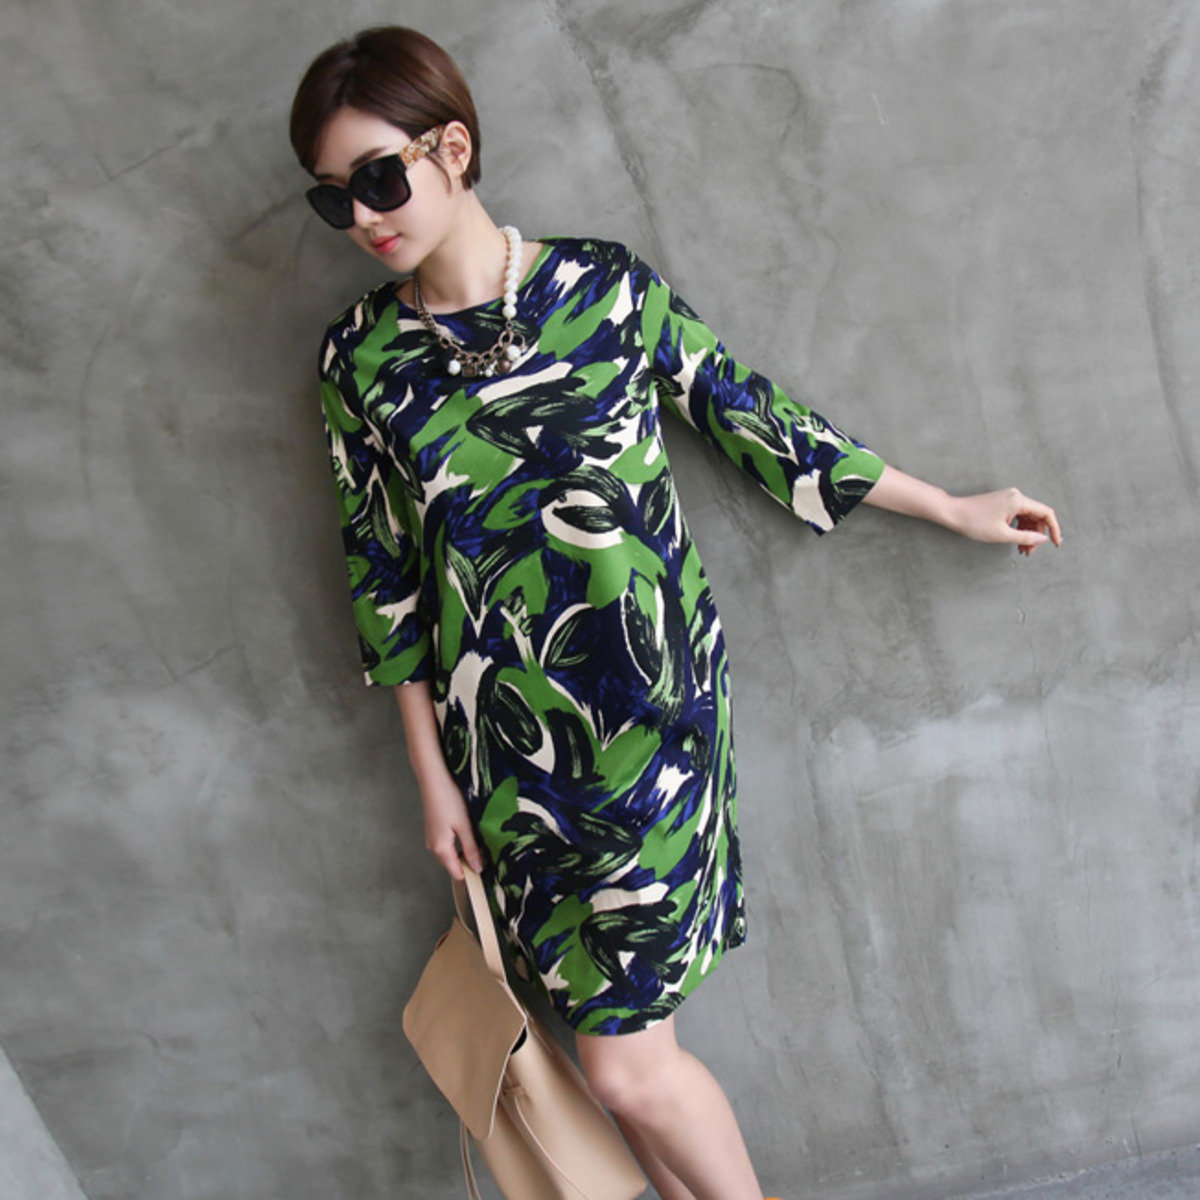 雜色圖案連身裙_22660